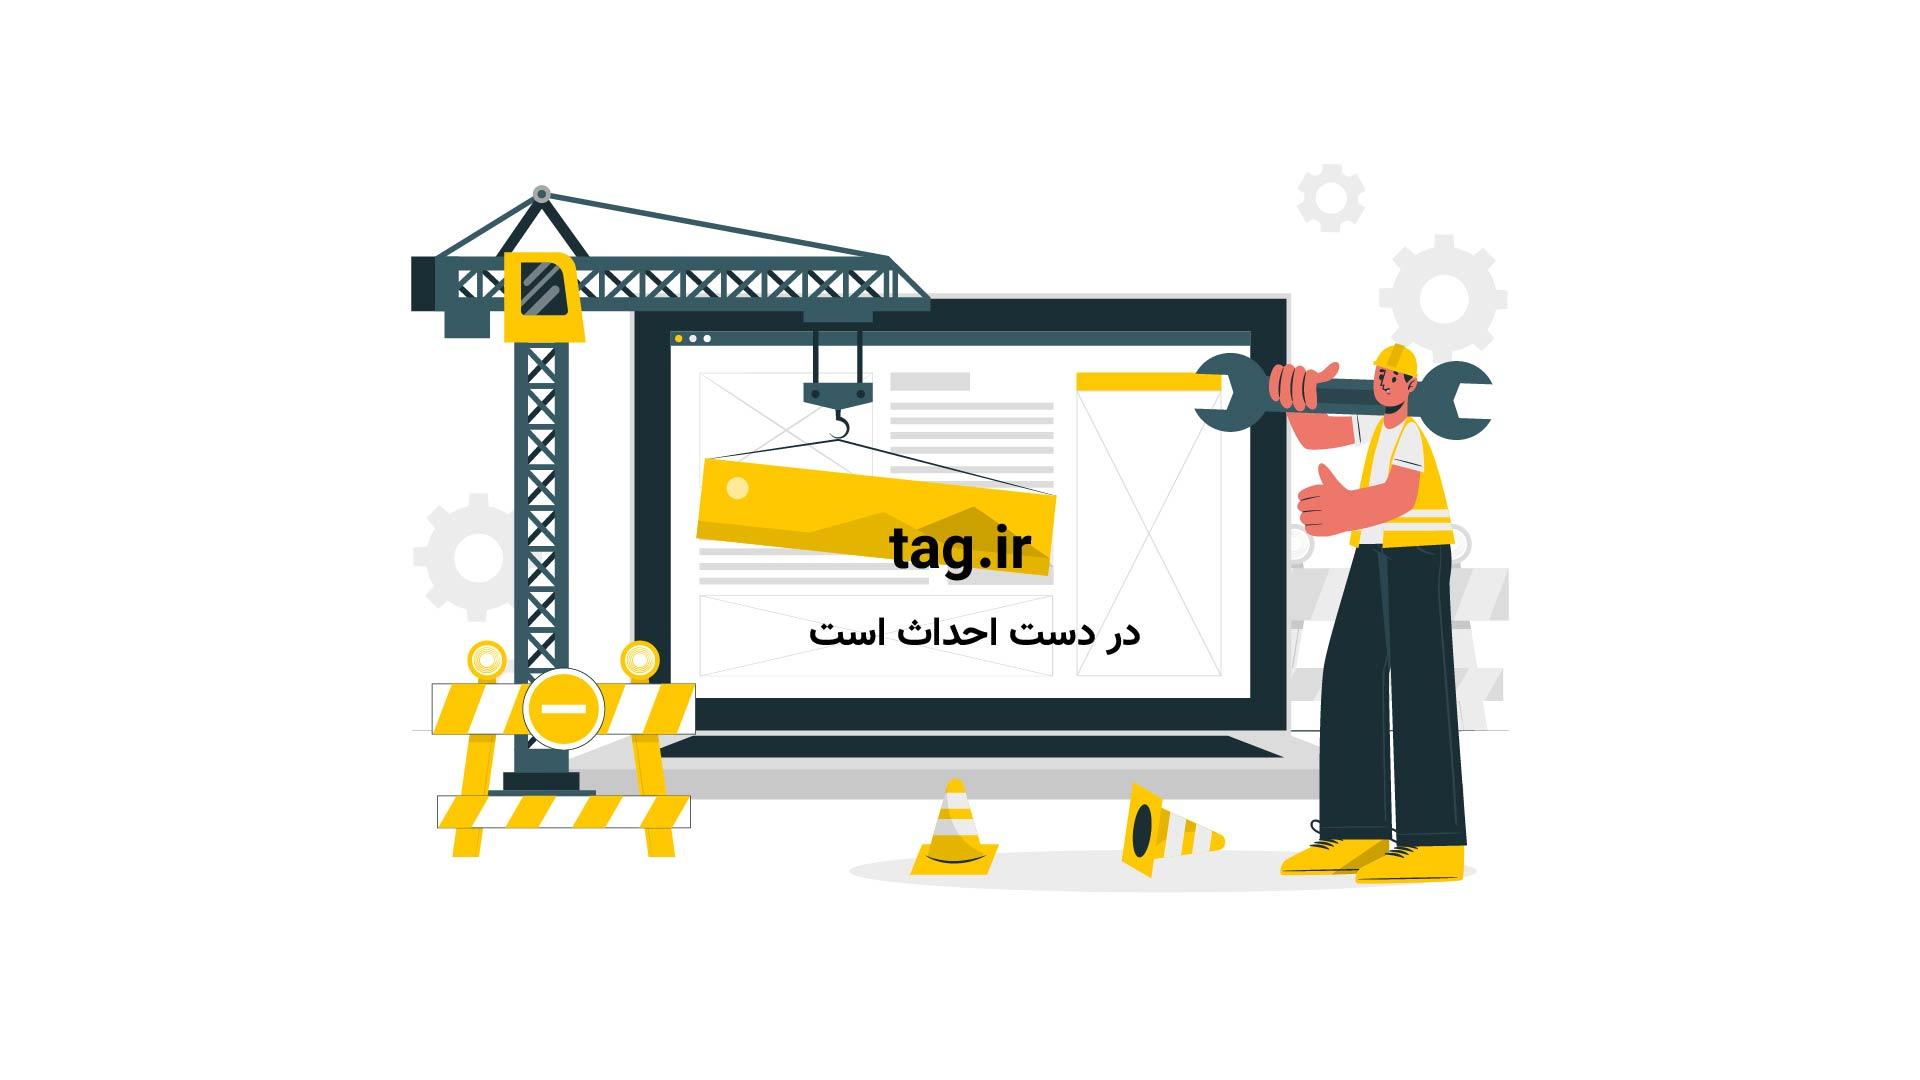 سفر دکتر حسن روحانی به آذربایجان غربی | فیلم